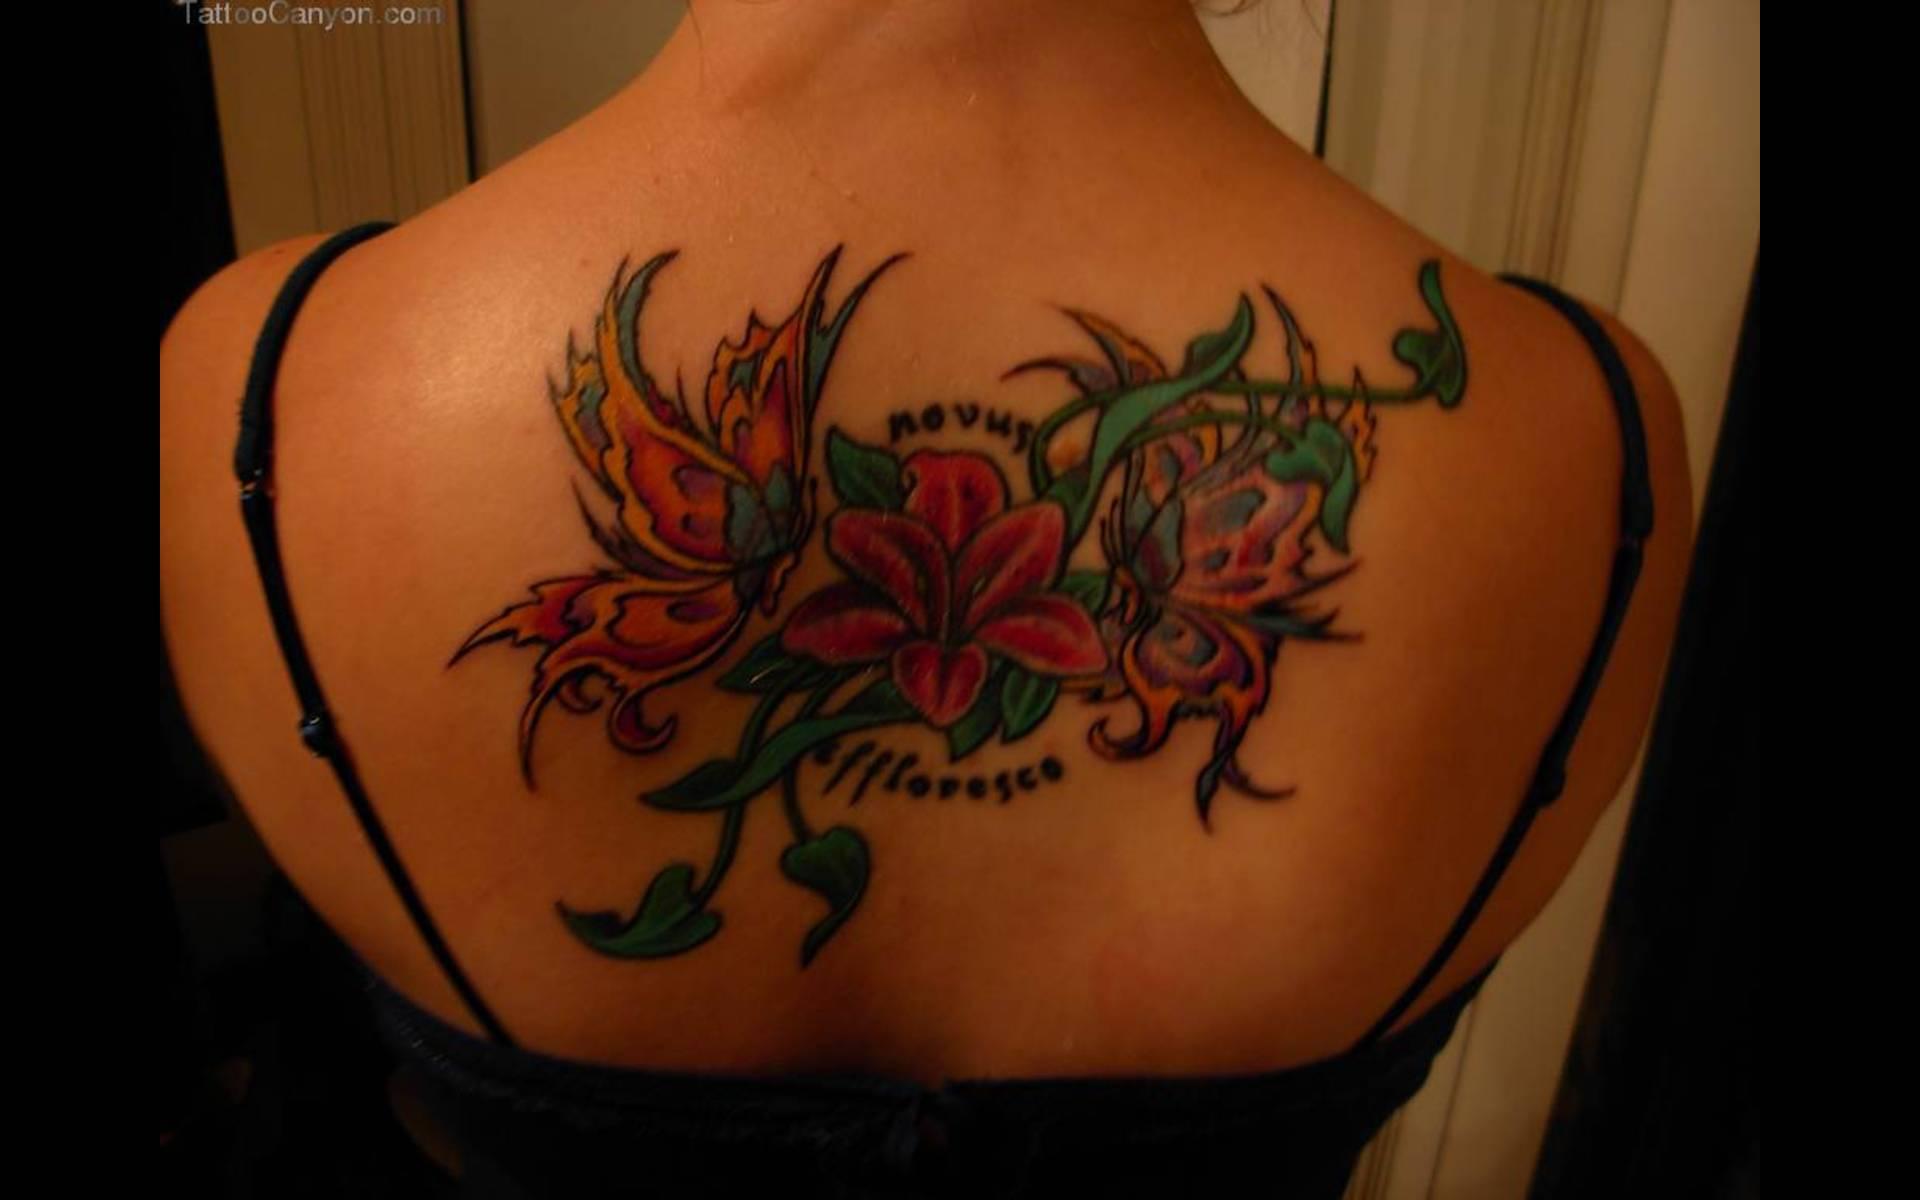 Flower Back Tattoo Ideas: 31+ Lovely Upper Back Tattoos